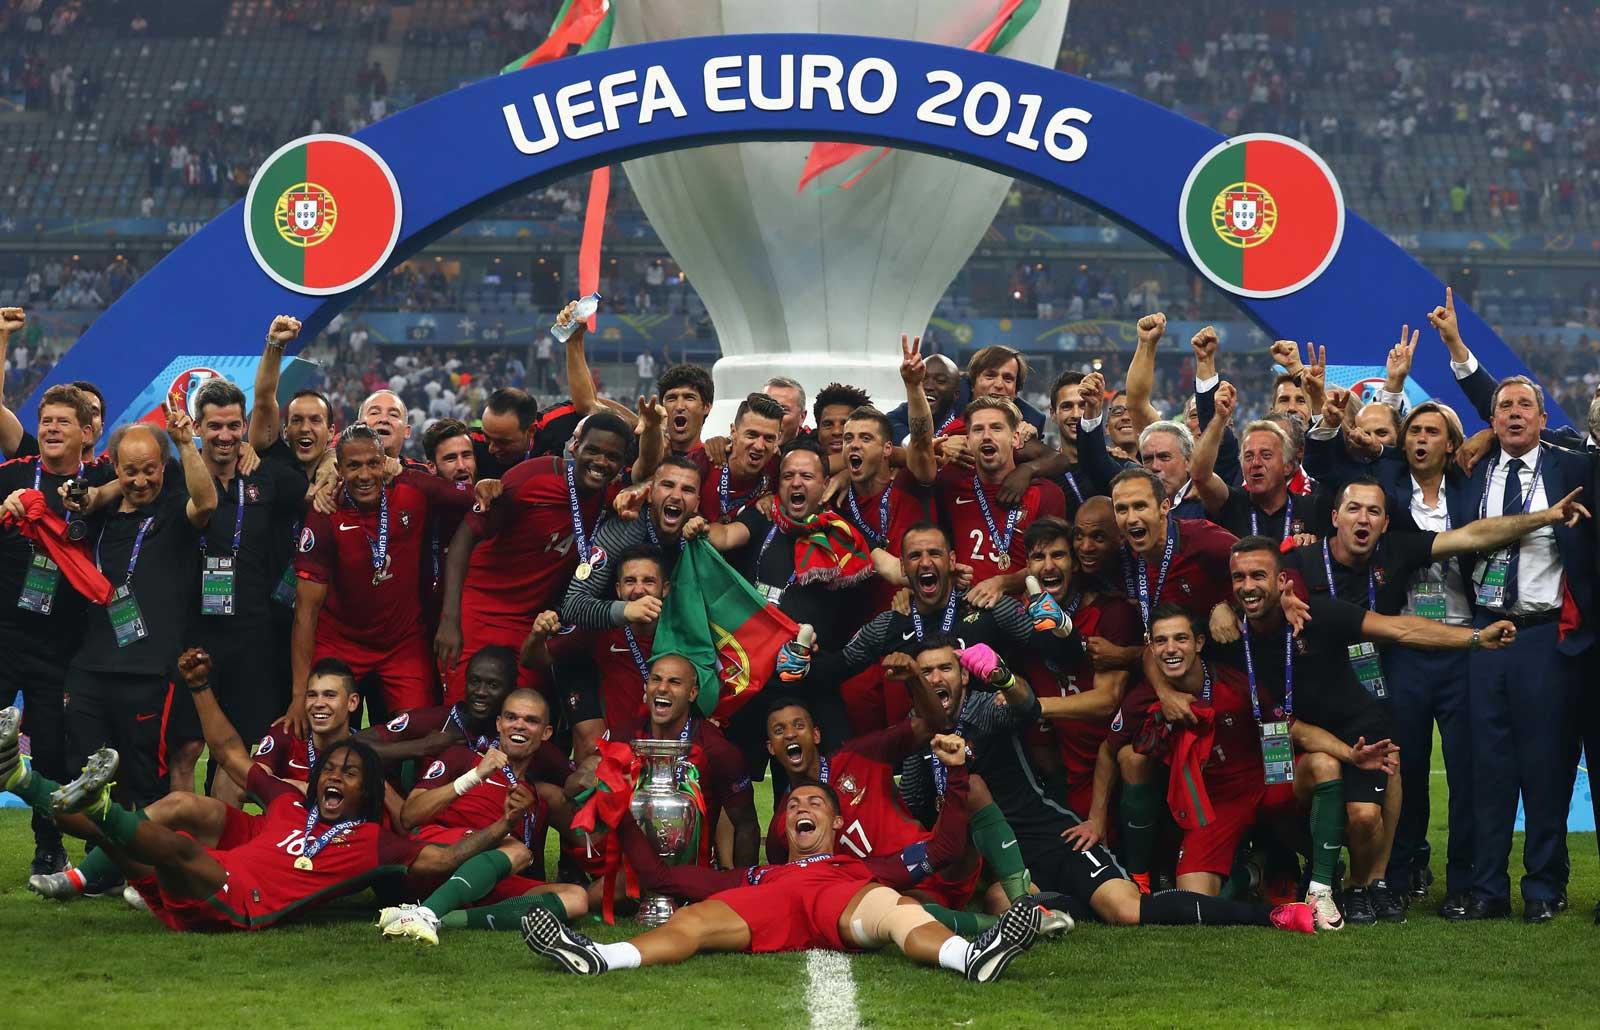 Daftar Skuad Pemain Timnas Portugal 2019 Terbaru [UPDATE